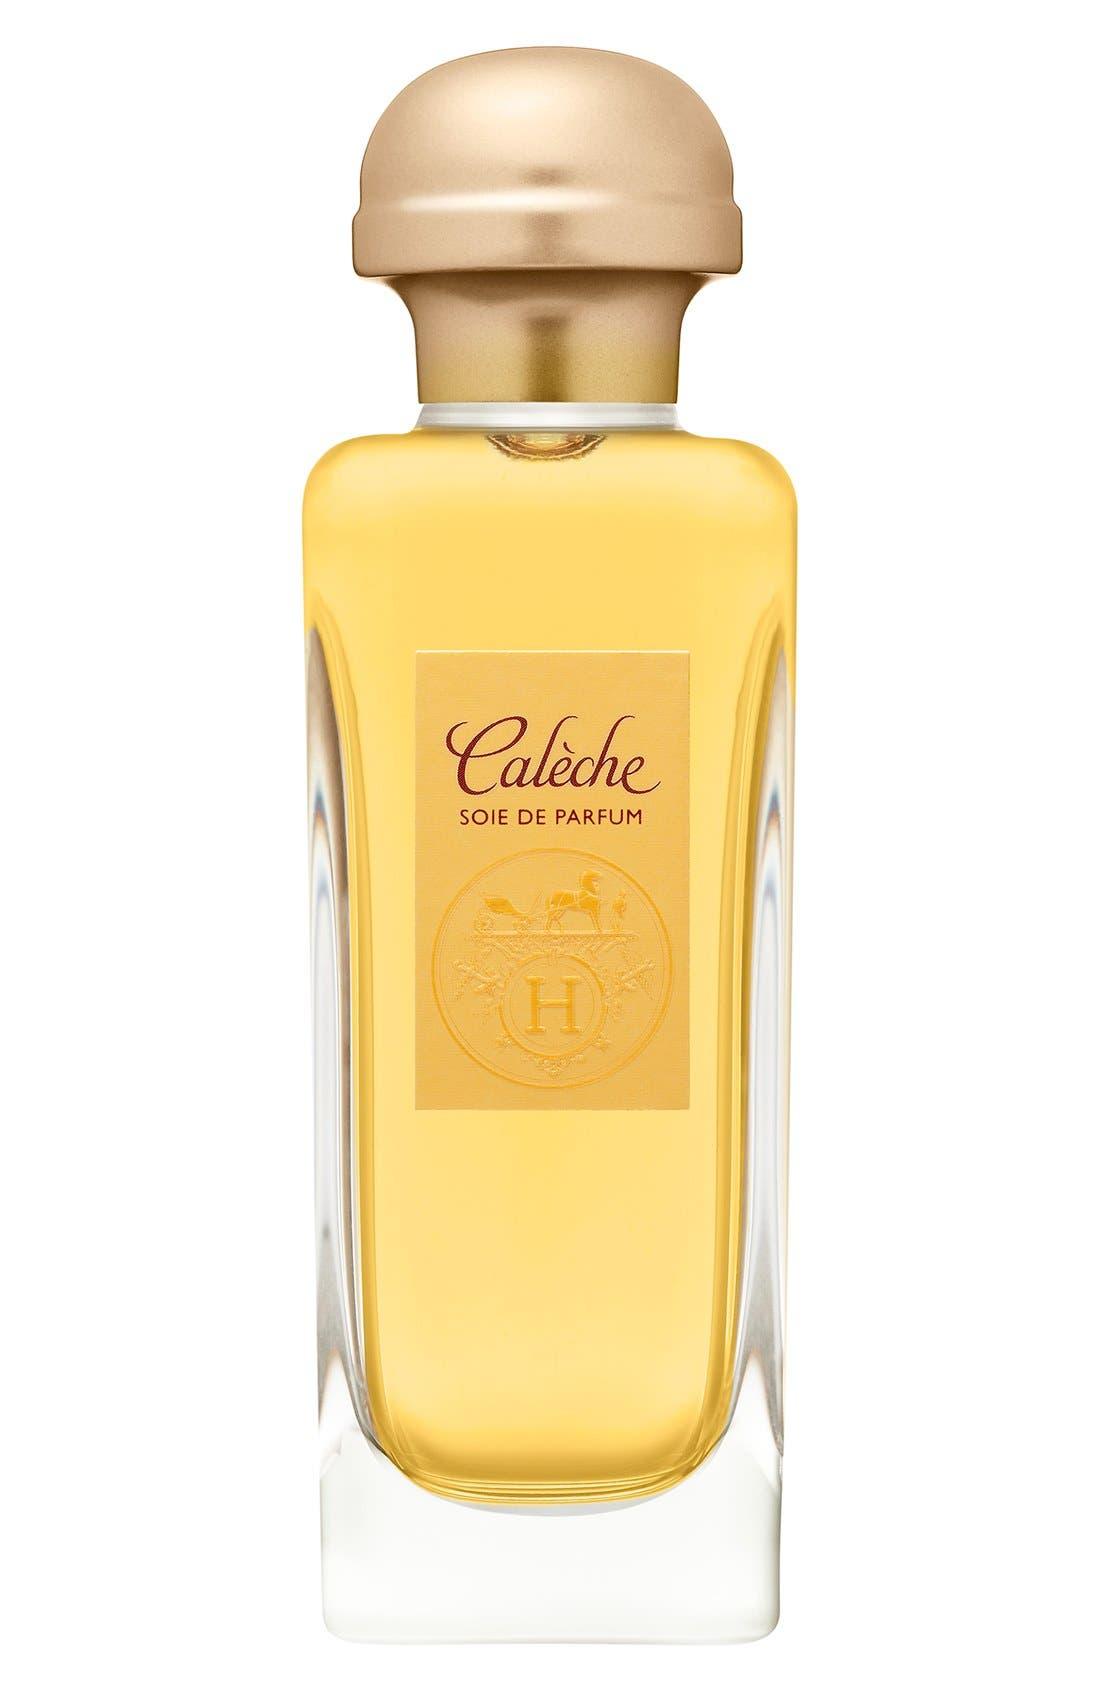 Hermès Calèche - Soie de parfum